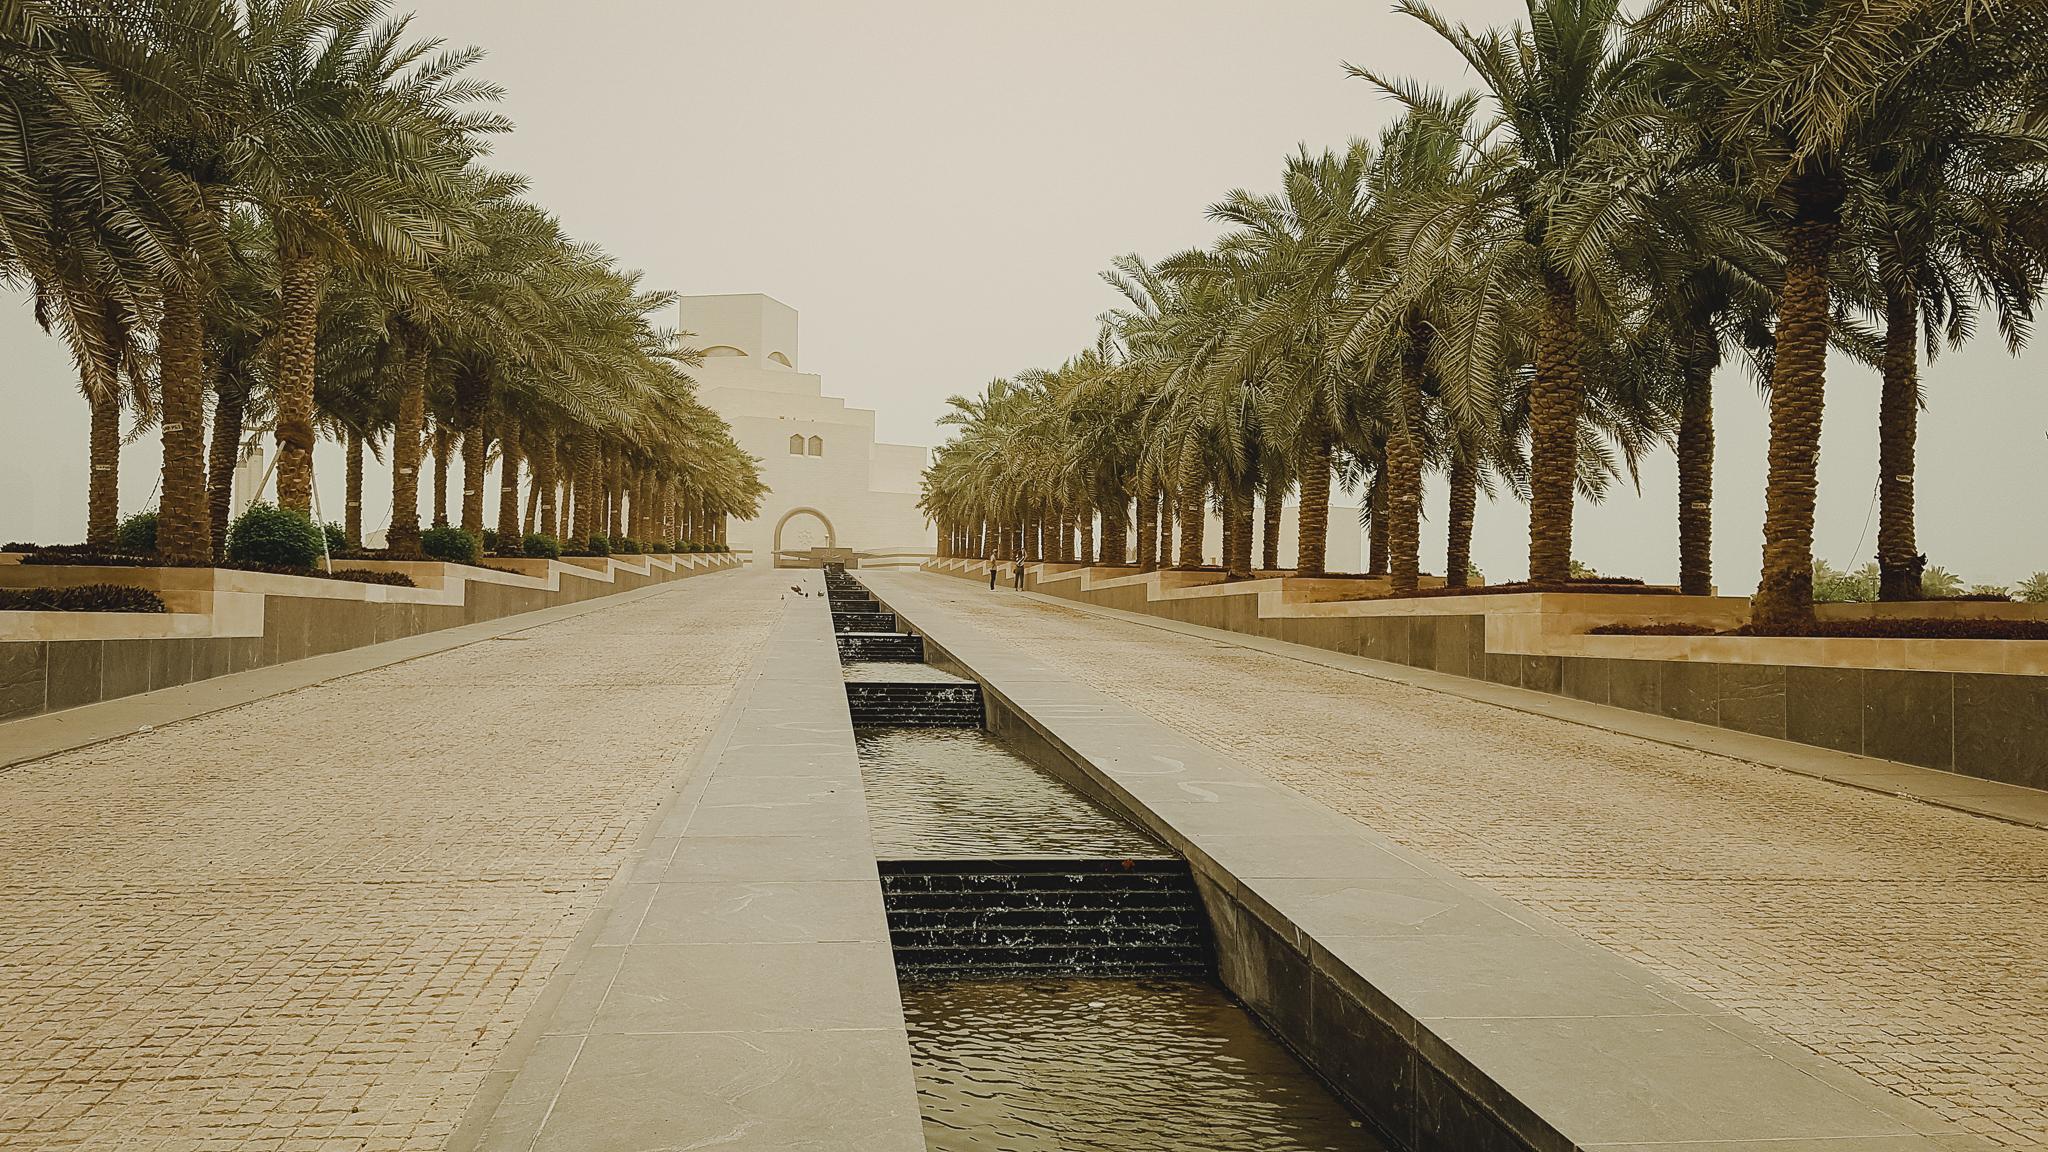 muzeum sztuki arabskiej doha katar